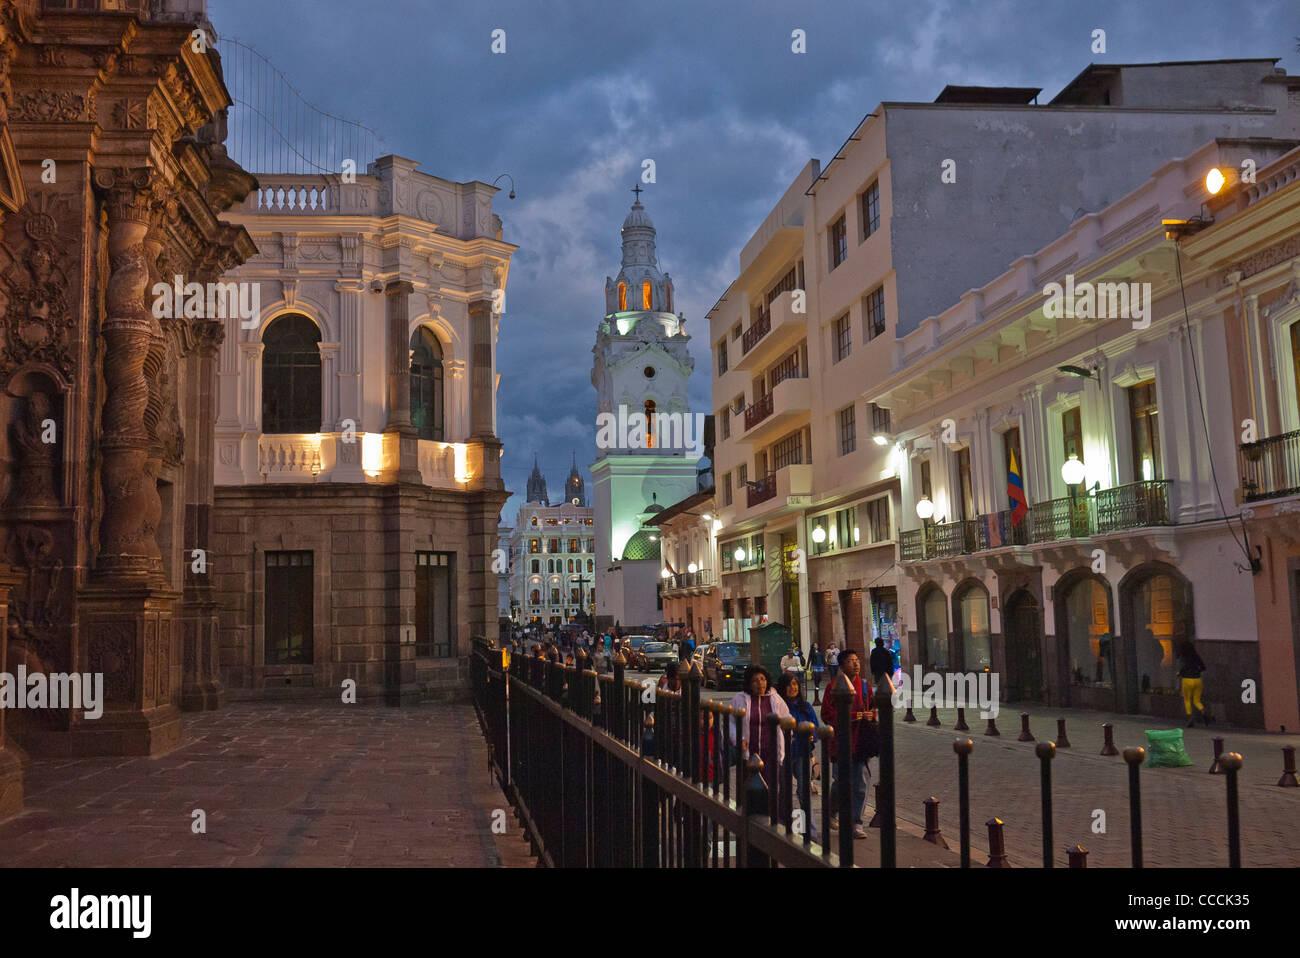 Notturna scena stradale davanti a La Compañía de Jesús chiesa nella parte storica di Quito, Ecuador. Immagini Stock